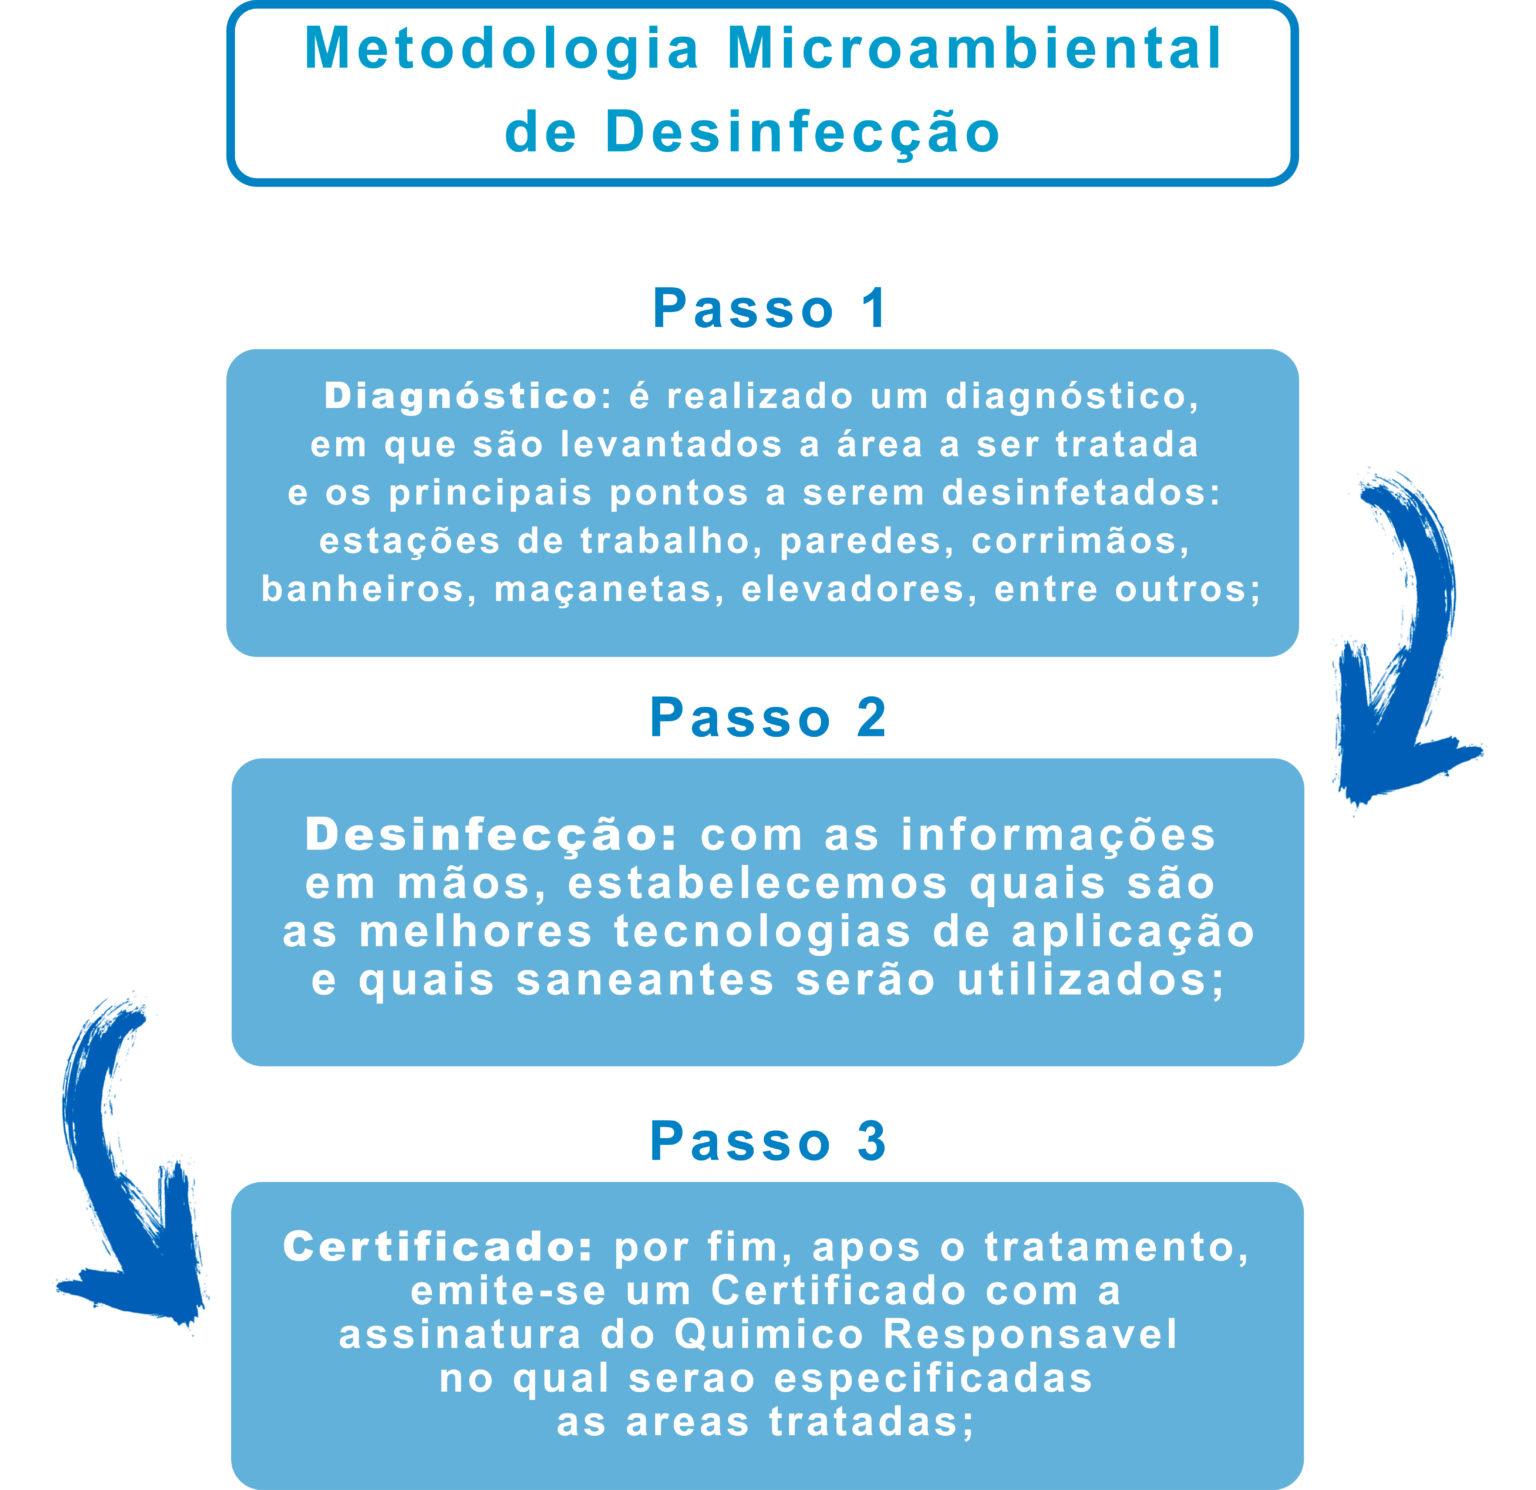 Metodologia Microambiental de Desinfecção: